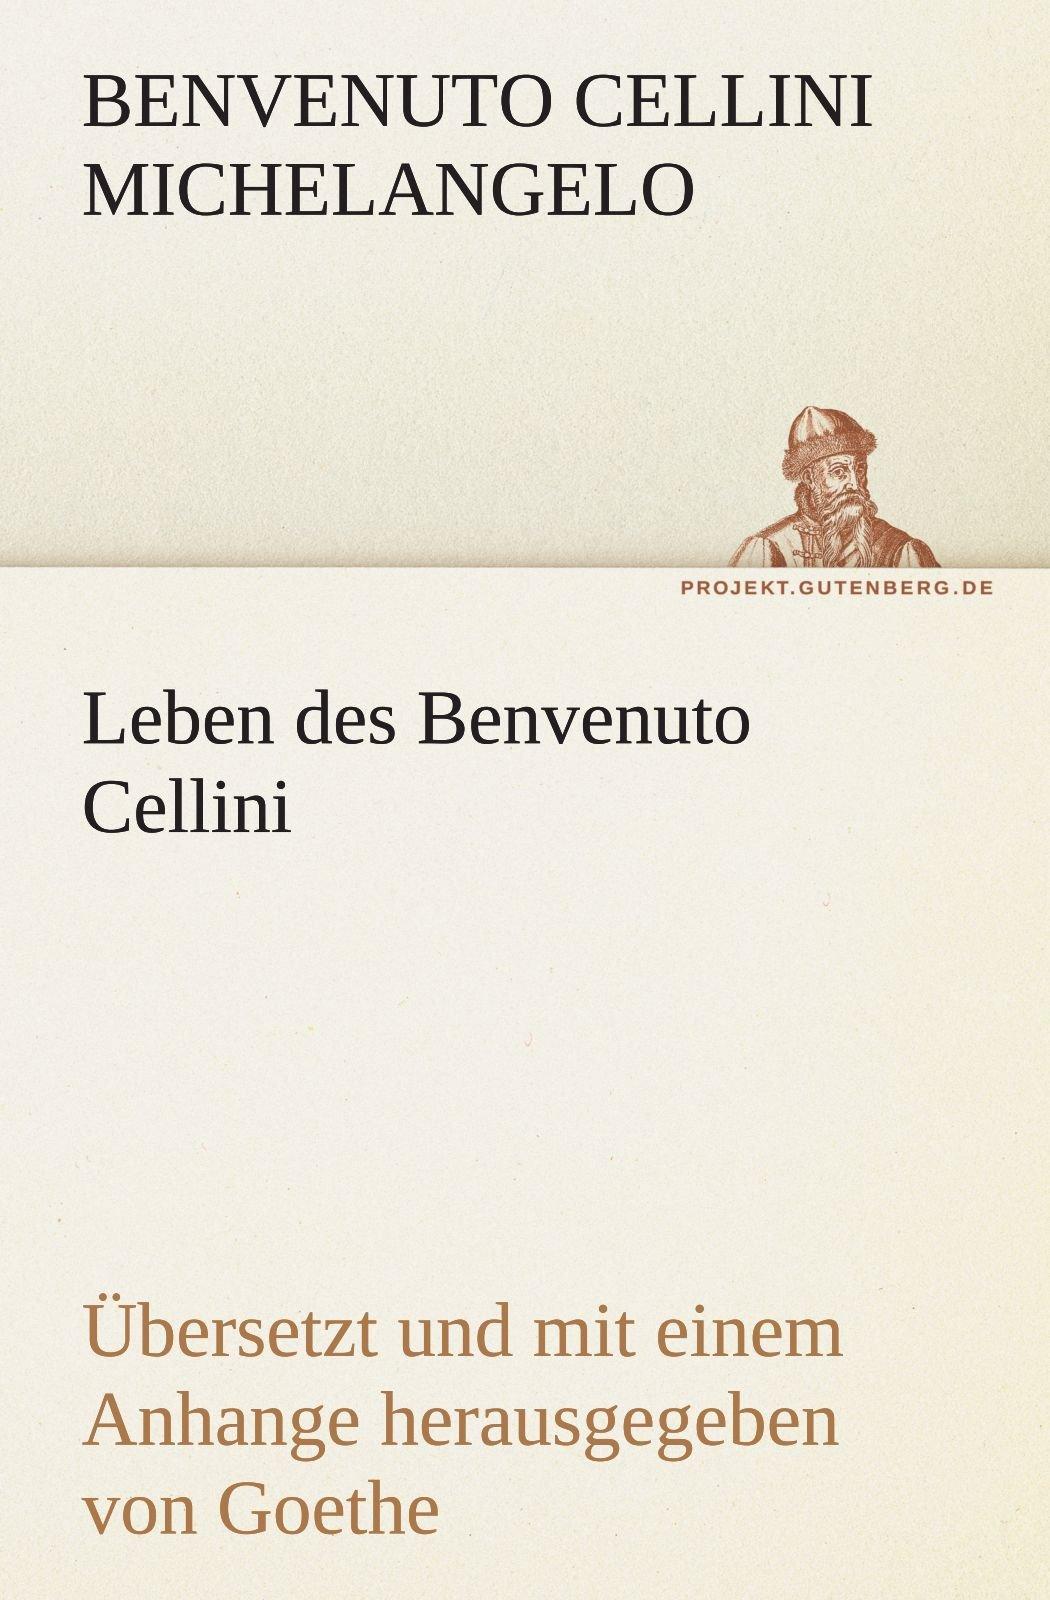 Leben des Benvenuto Cellini: Leben des Benvenuto Cellini florentinischen Goldschmieds und Bildhauers von ihm selbst geschrieben. Übersetzt und mit ... Goethe (TREDITION CLASSICS) (German Edition) ebook